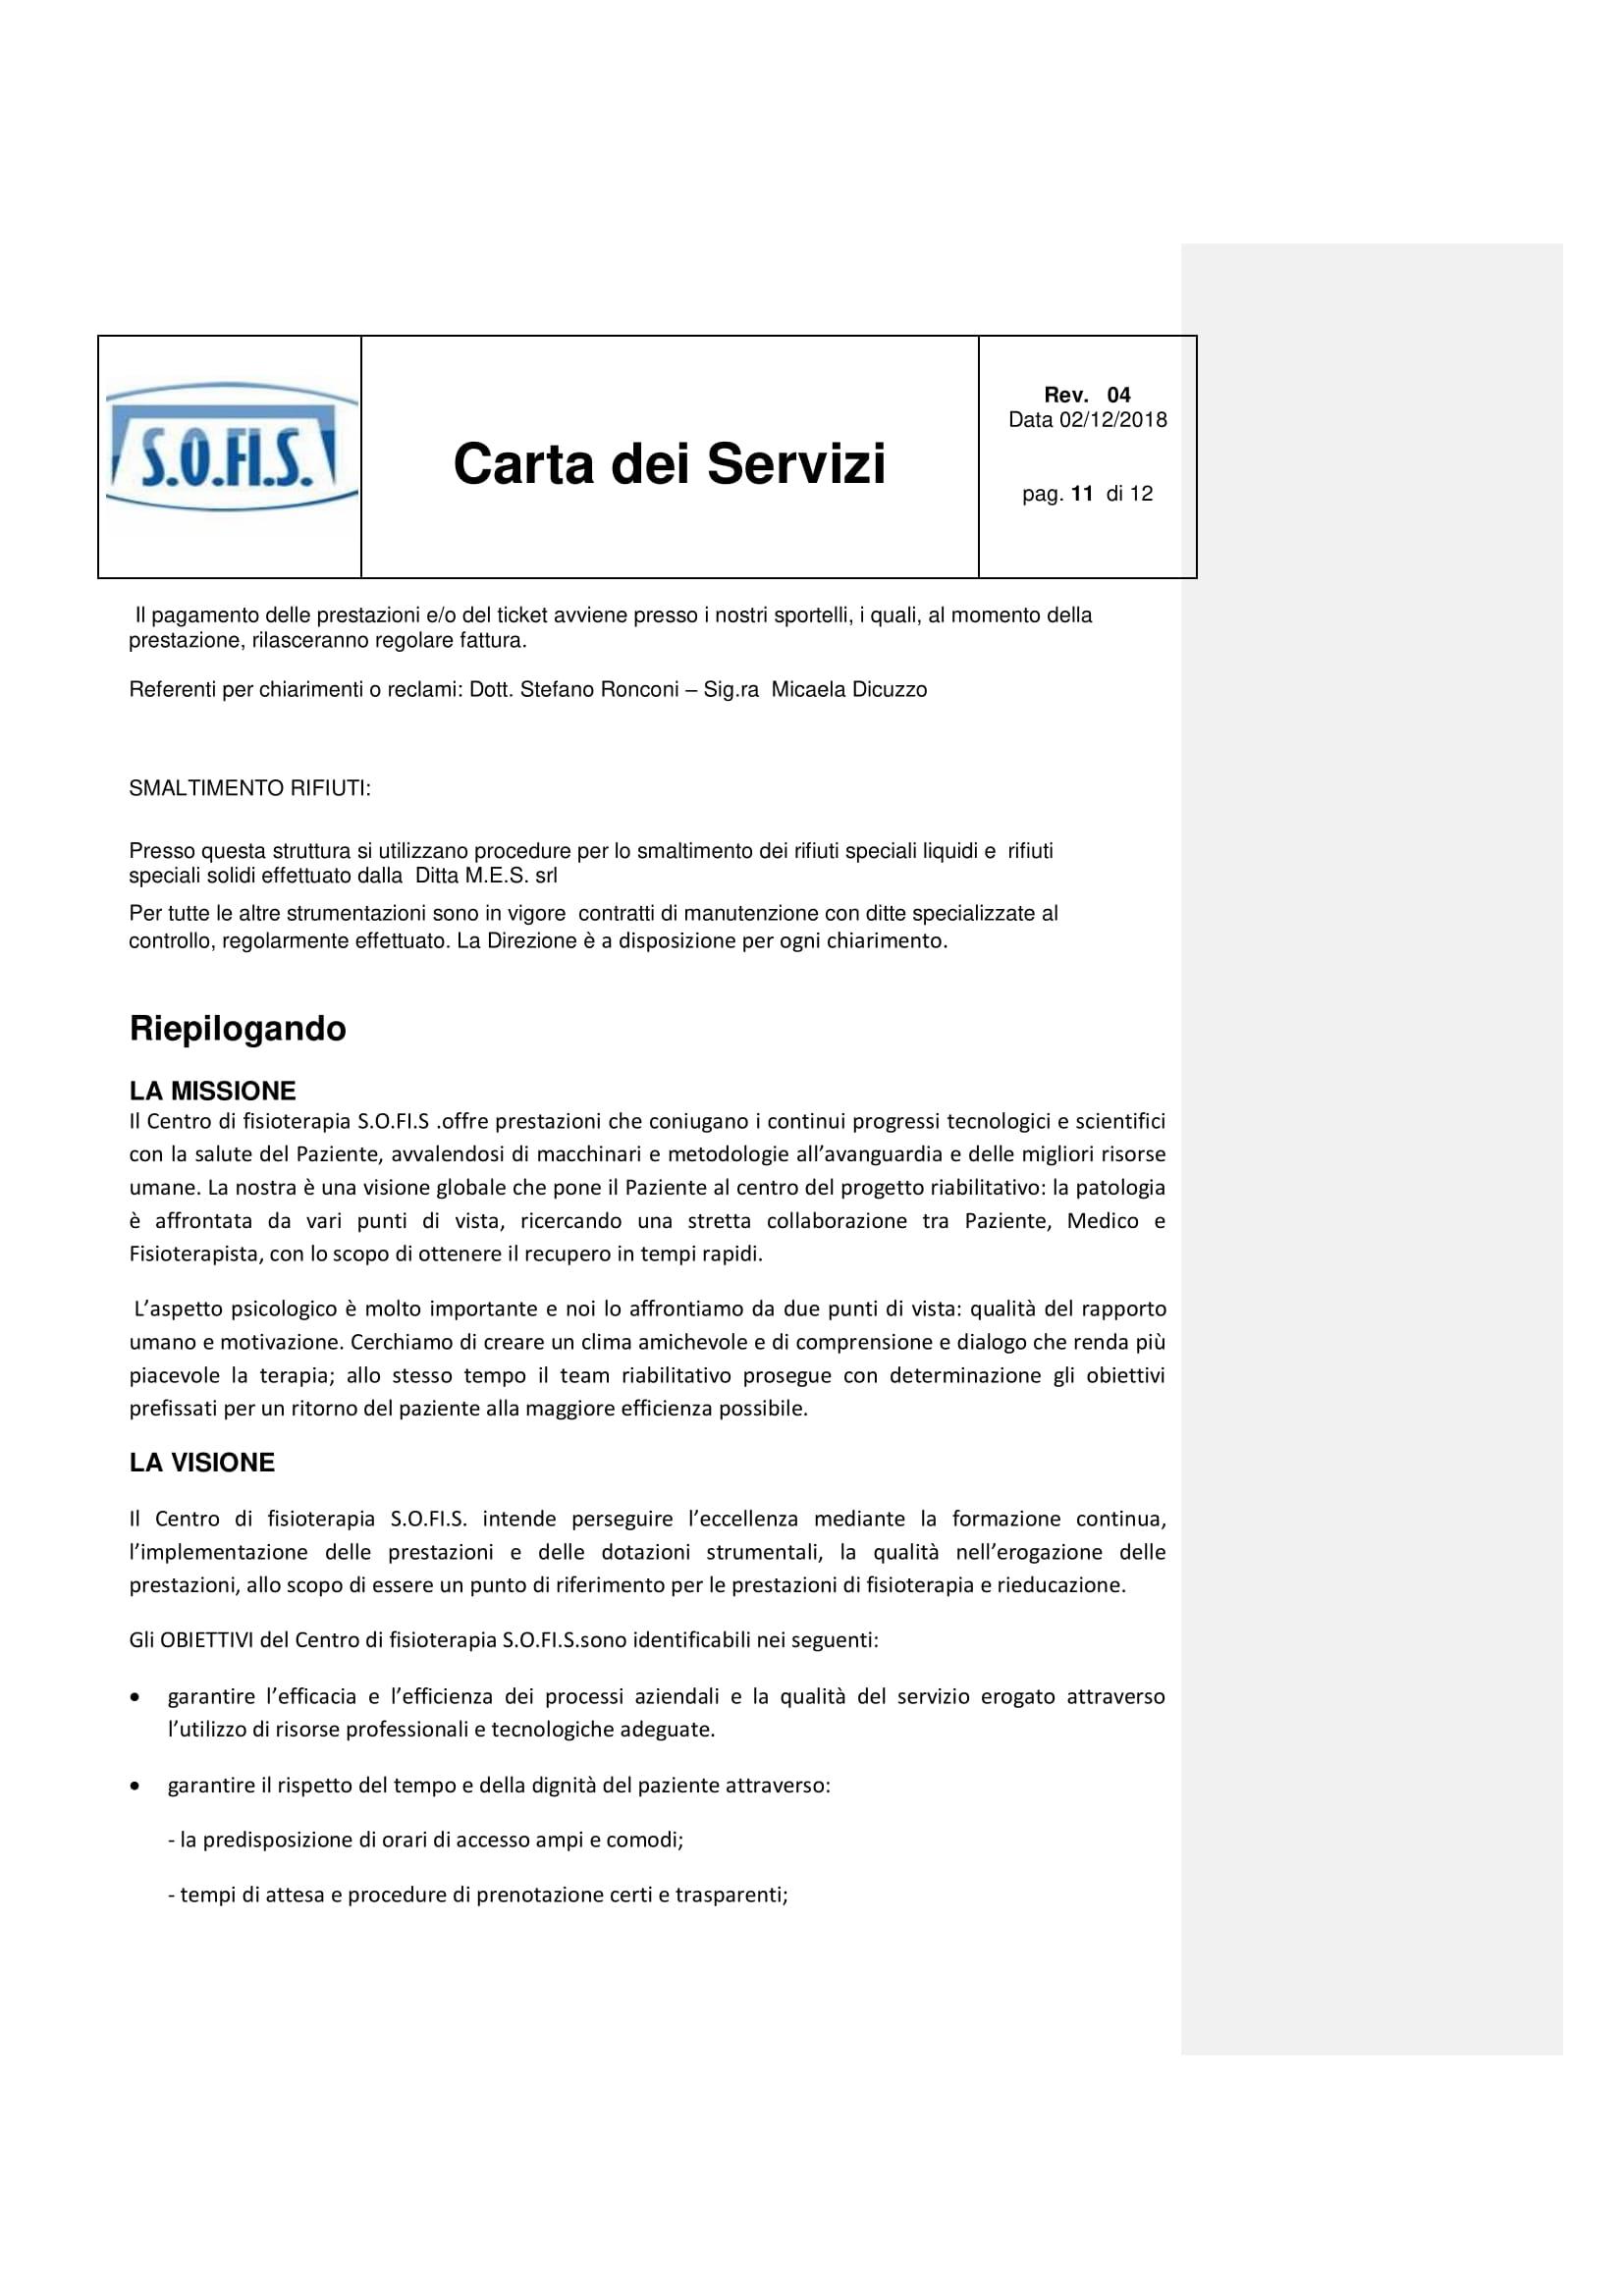 carta_servizi-11